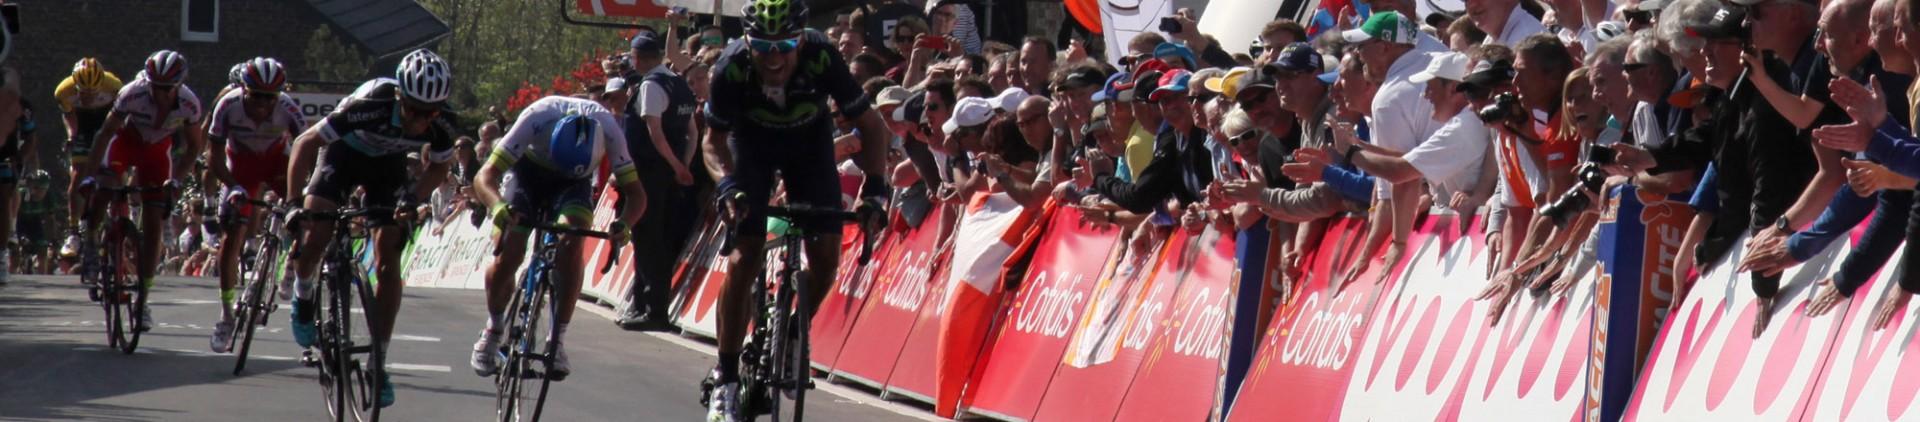 Evénements majeurs en province de Liège - Cyclisme